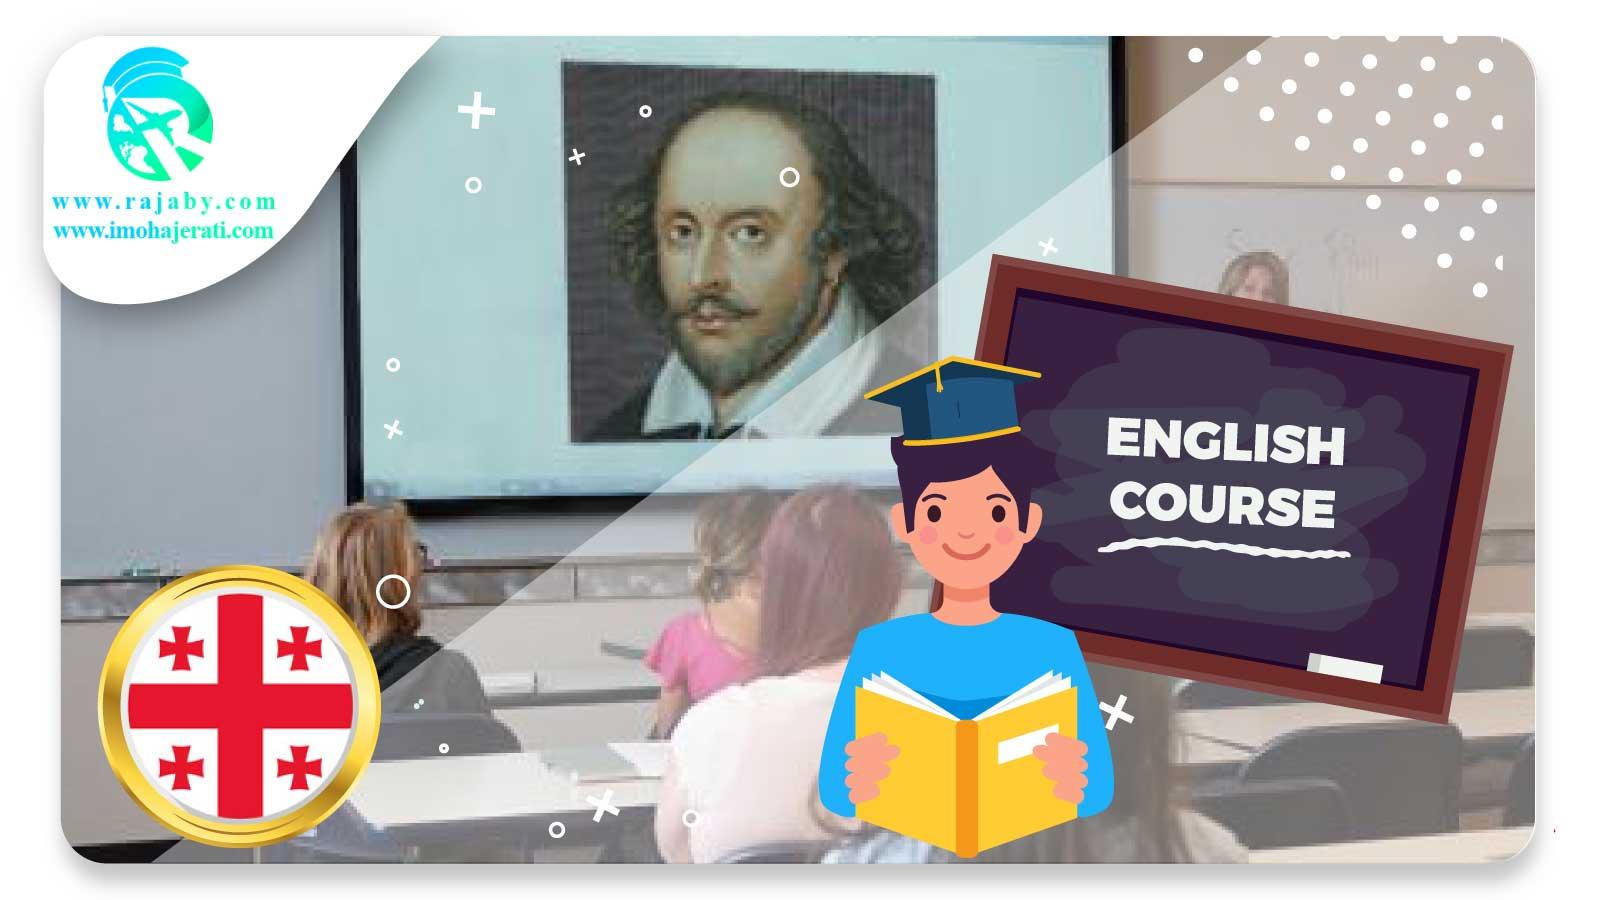 تحصیل به زبان انگلیسی در گرجستان